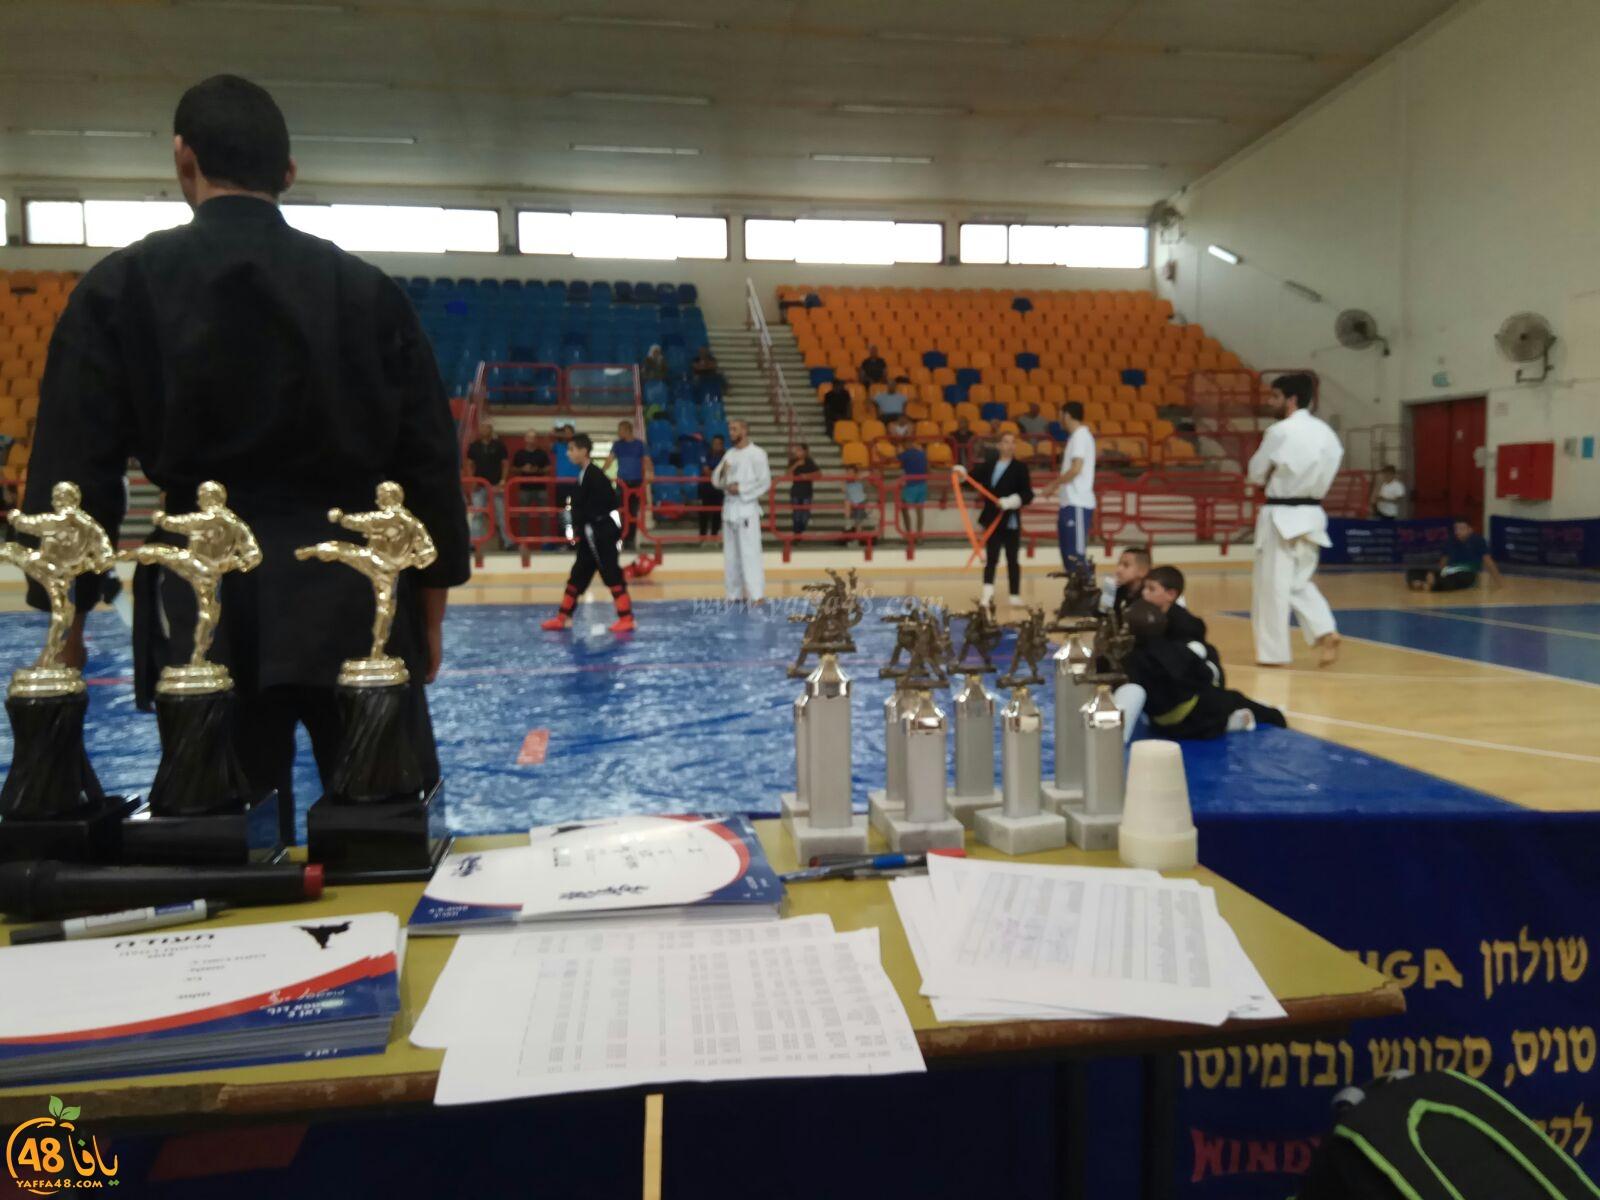 مشاركة واسعة في بطولة الرملة للكاراتيه والجودو بتنظيم المدرب مصطفى الدنف